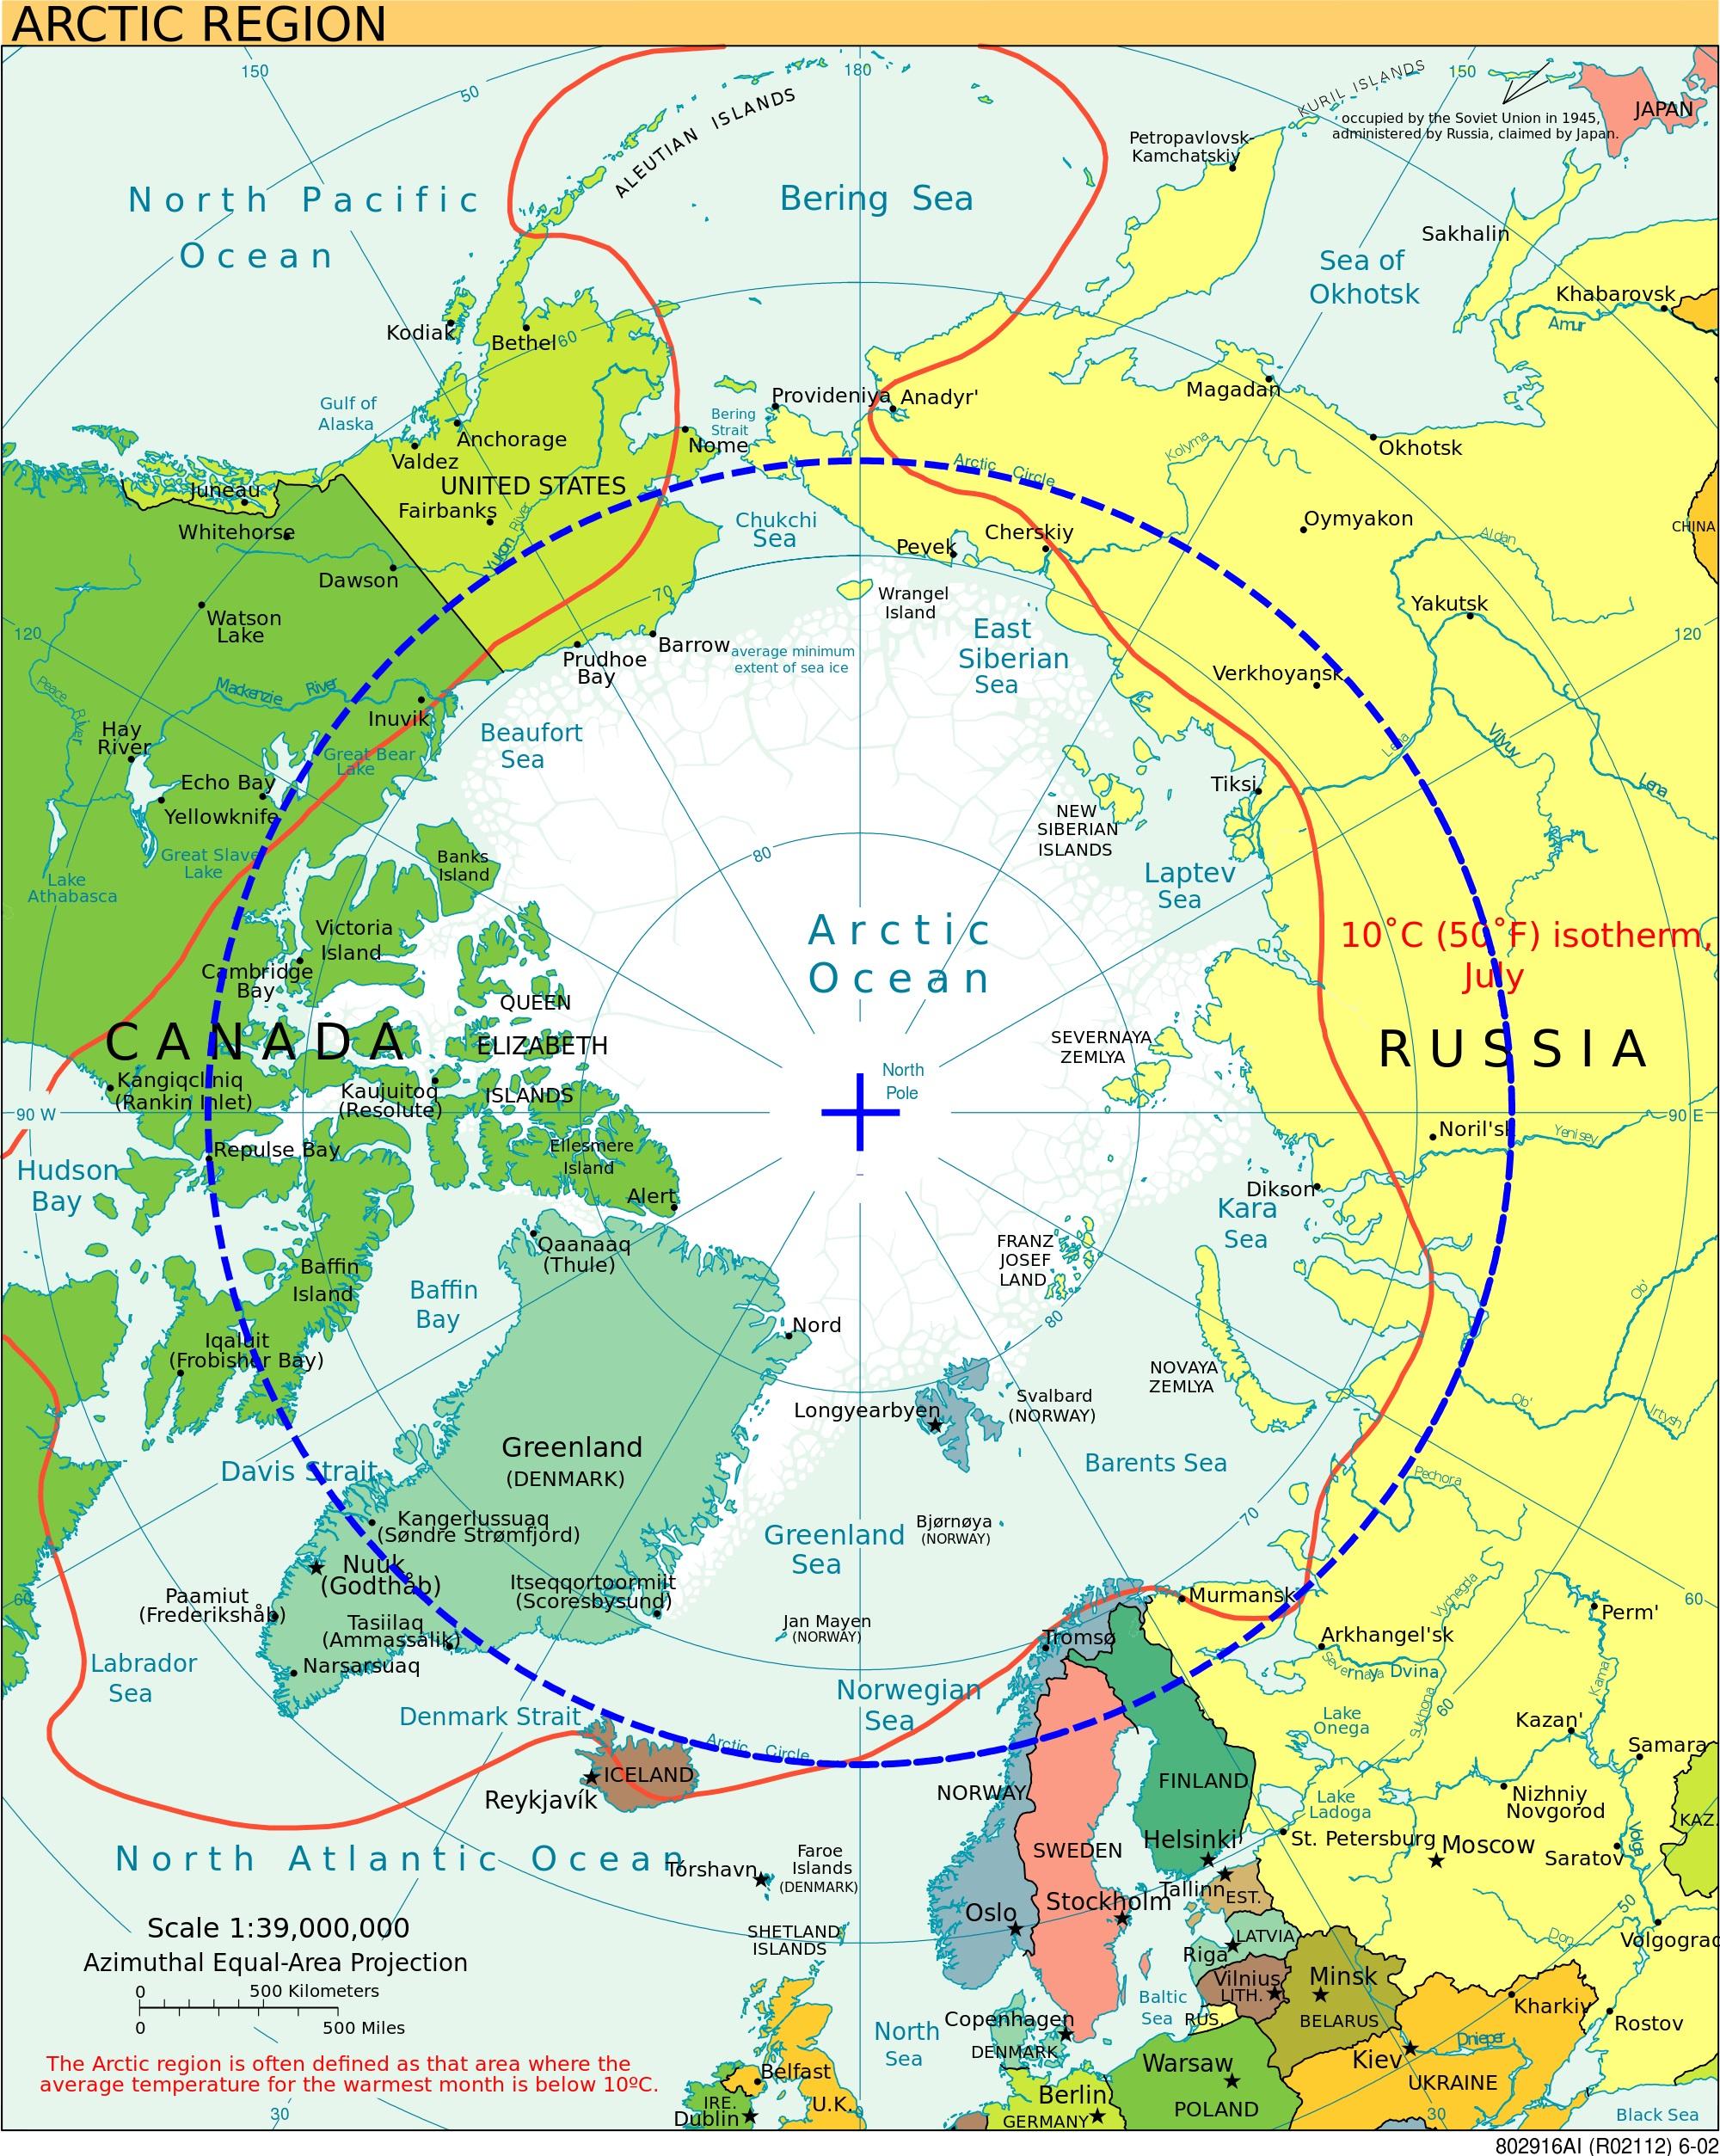 LM.GEOPOL - Arctique dernière frontière (2017 09 23) FR (1)